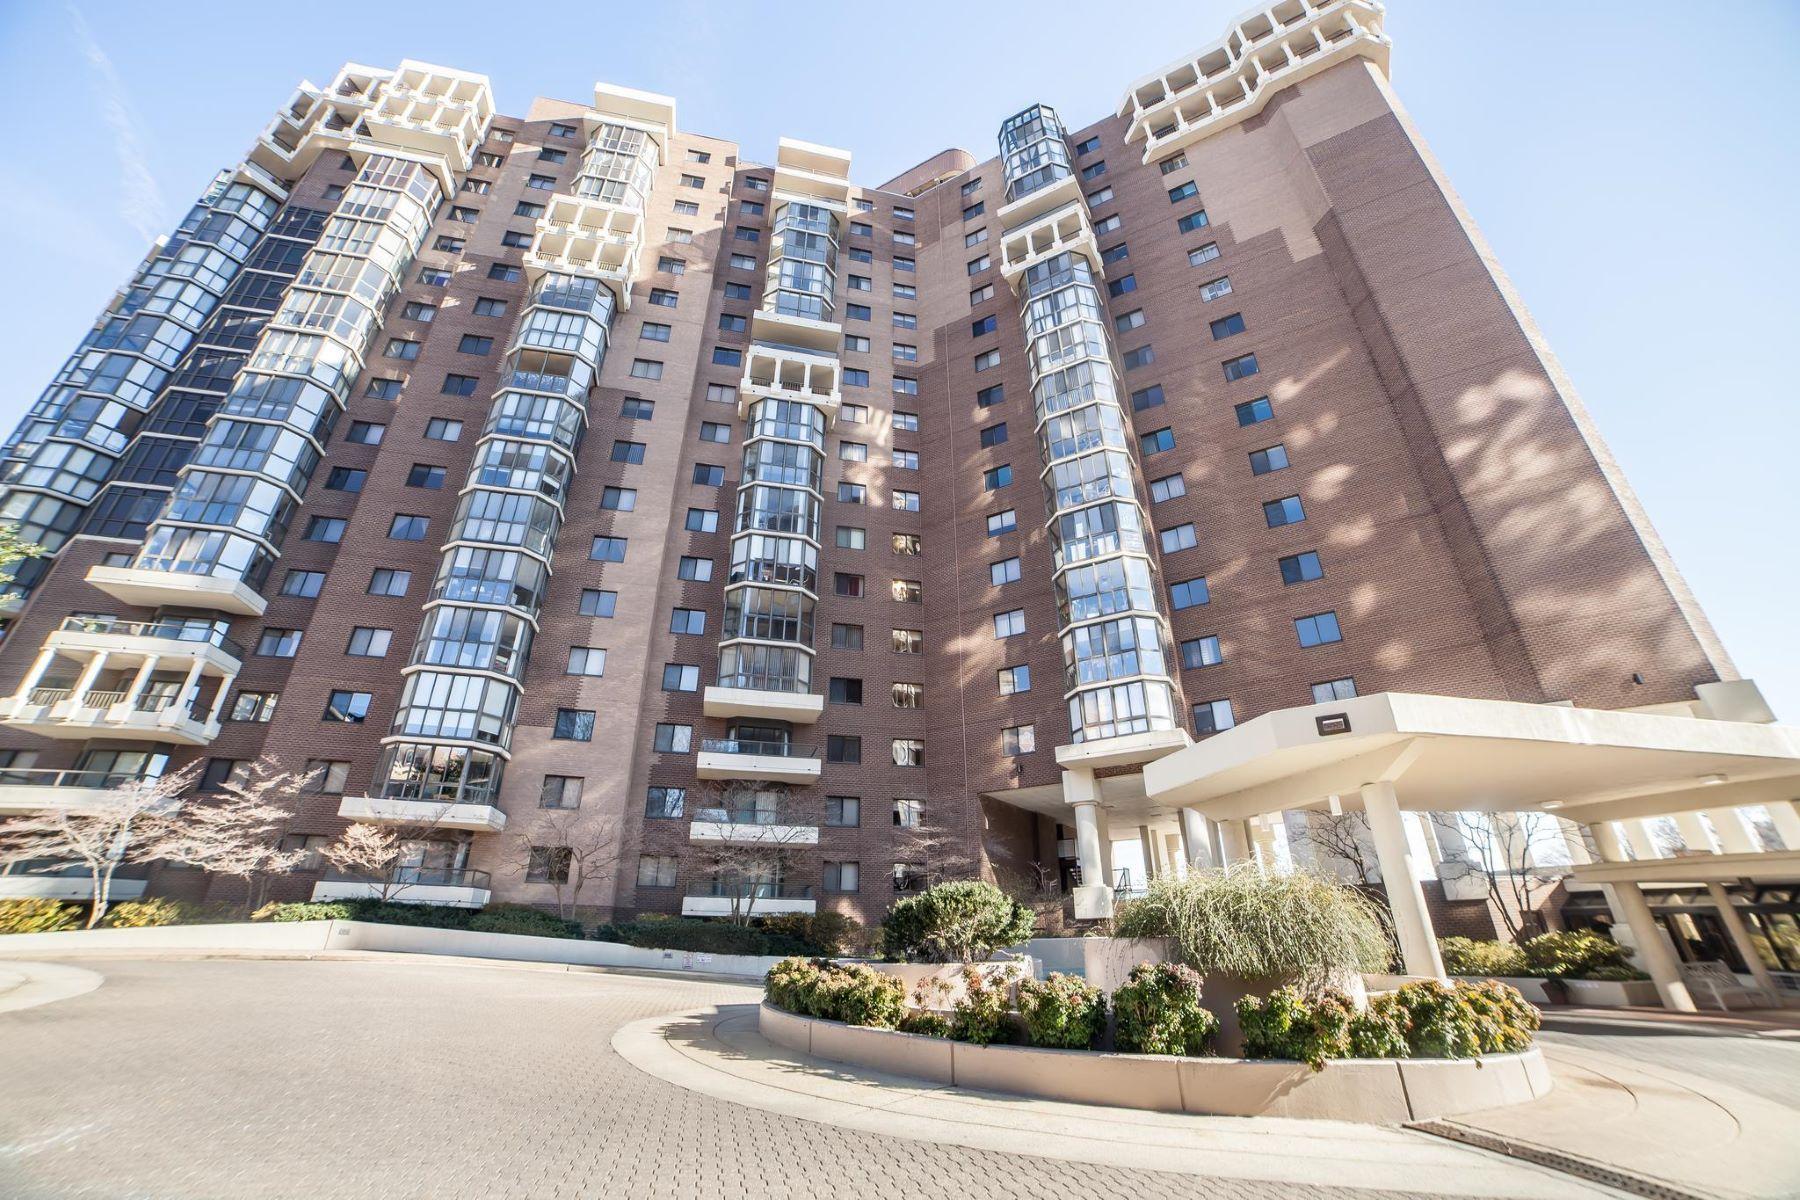 共管式独立产权公寓 为 出租 在 1600 Oak St #1725 1600 Oak St #1725 阿林顿, 弗吉尼亚州 22209 美国